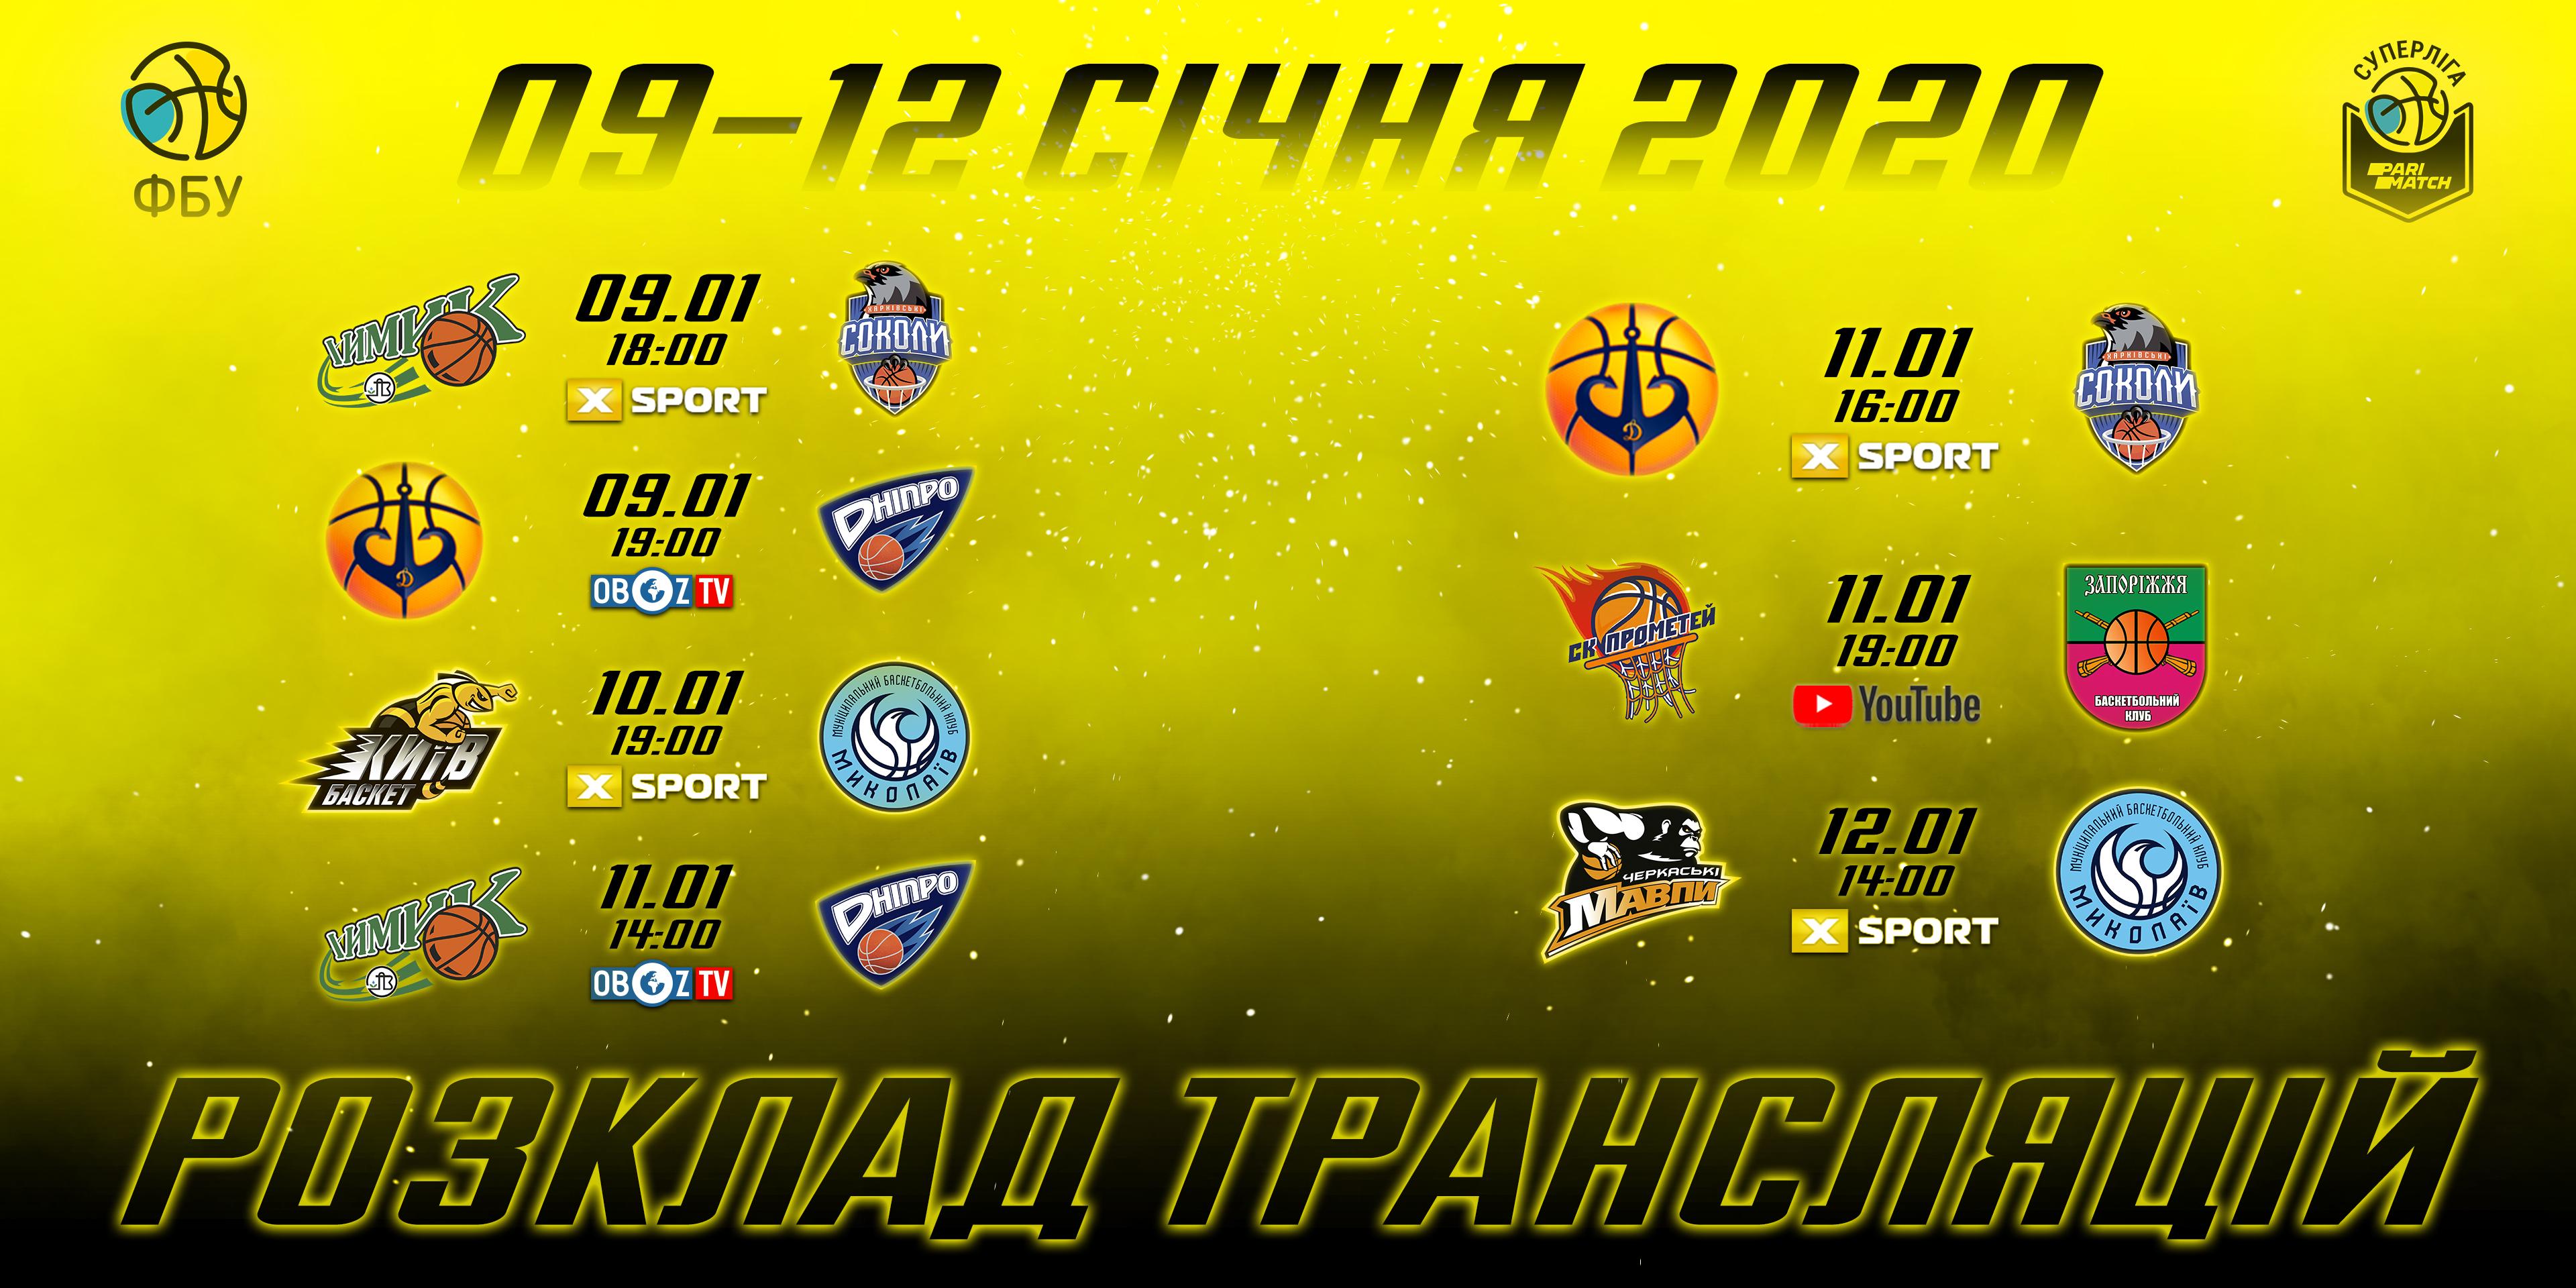 http://i.fbu.kiev.ua/1/33091/SL-broadcasts-2%C3%91%C2%851.jpg